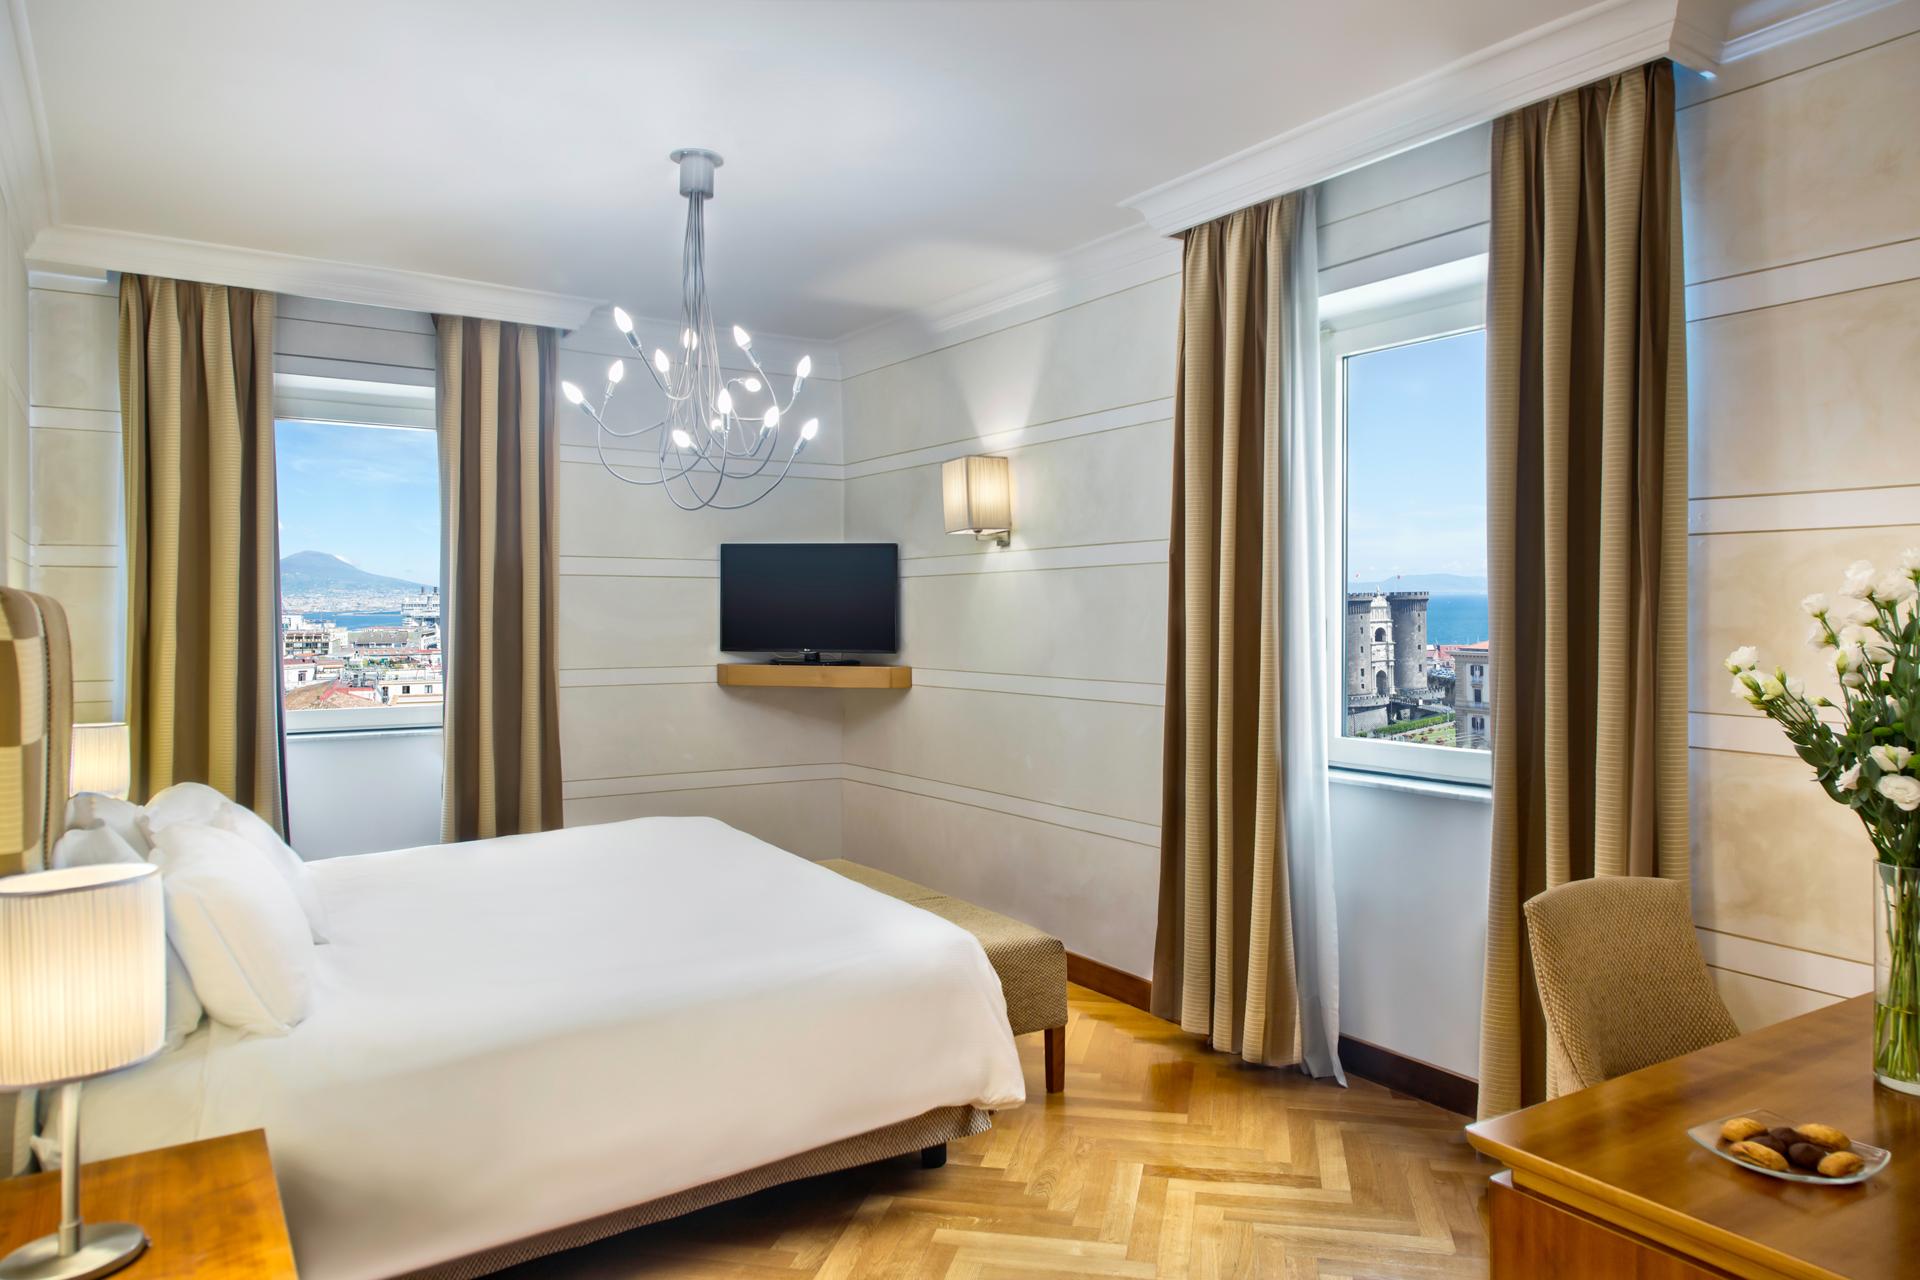 RH_NAPBR_presidential_bedroom